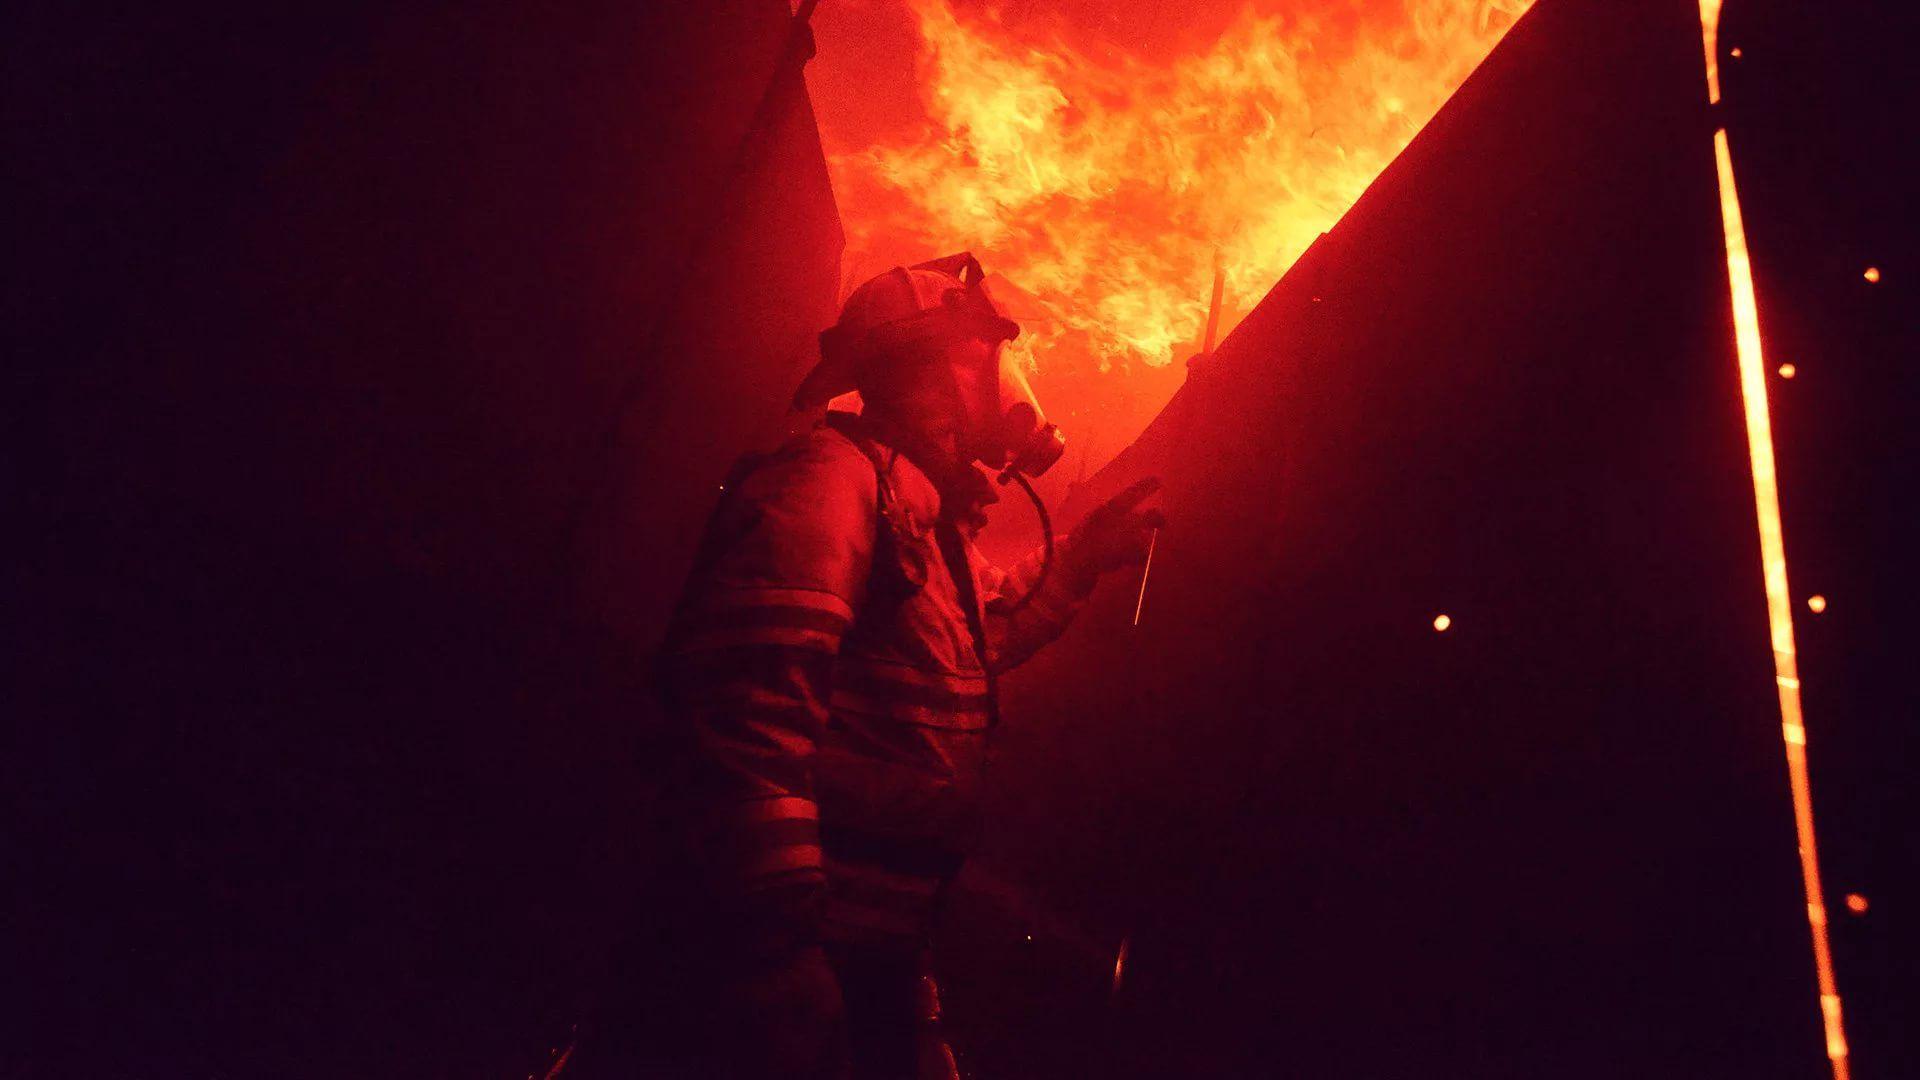 Firefighter desktop wallpaper